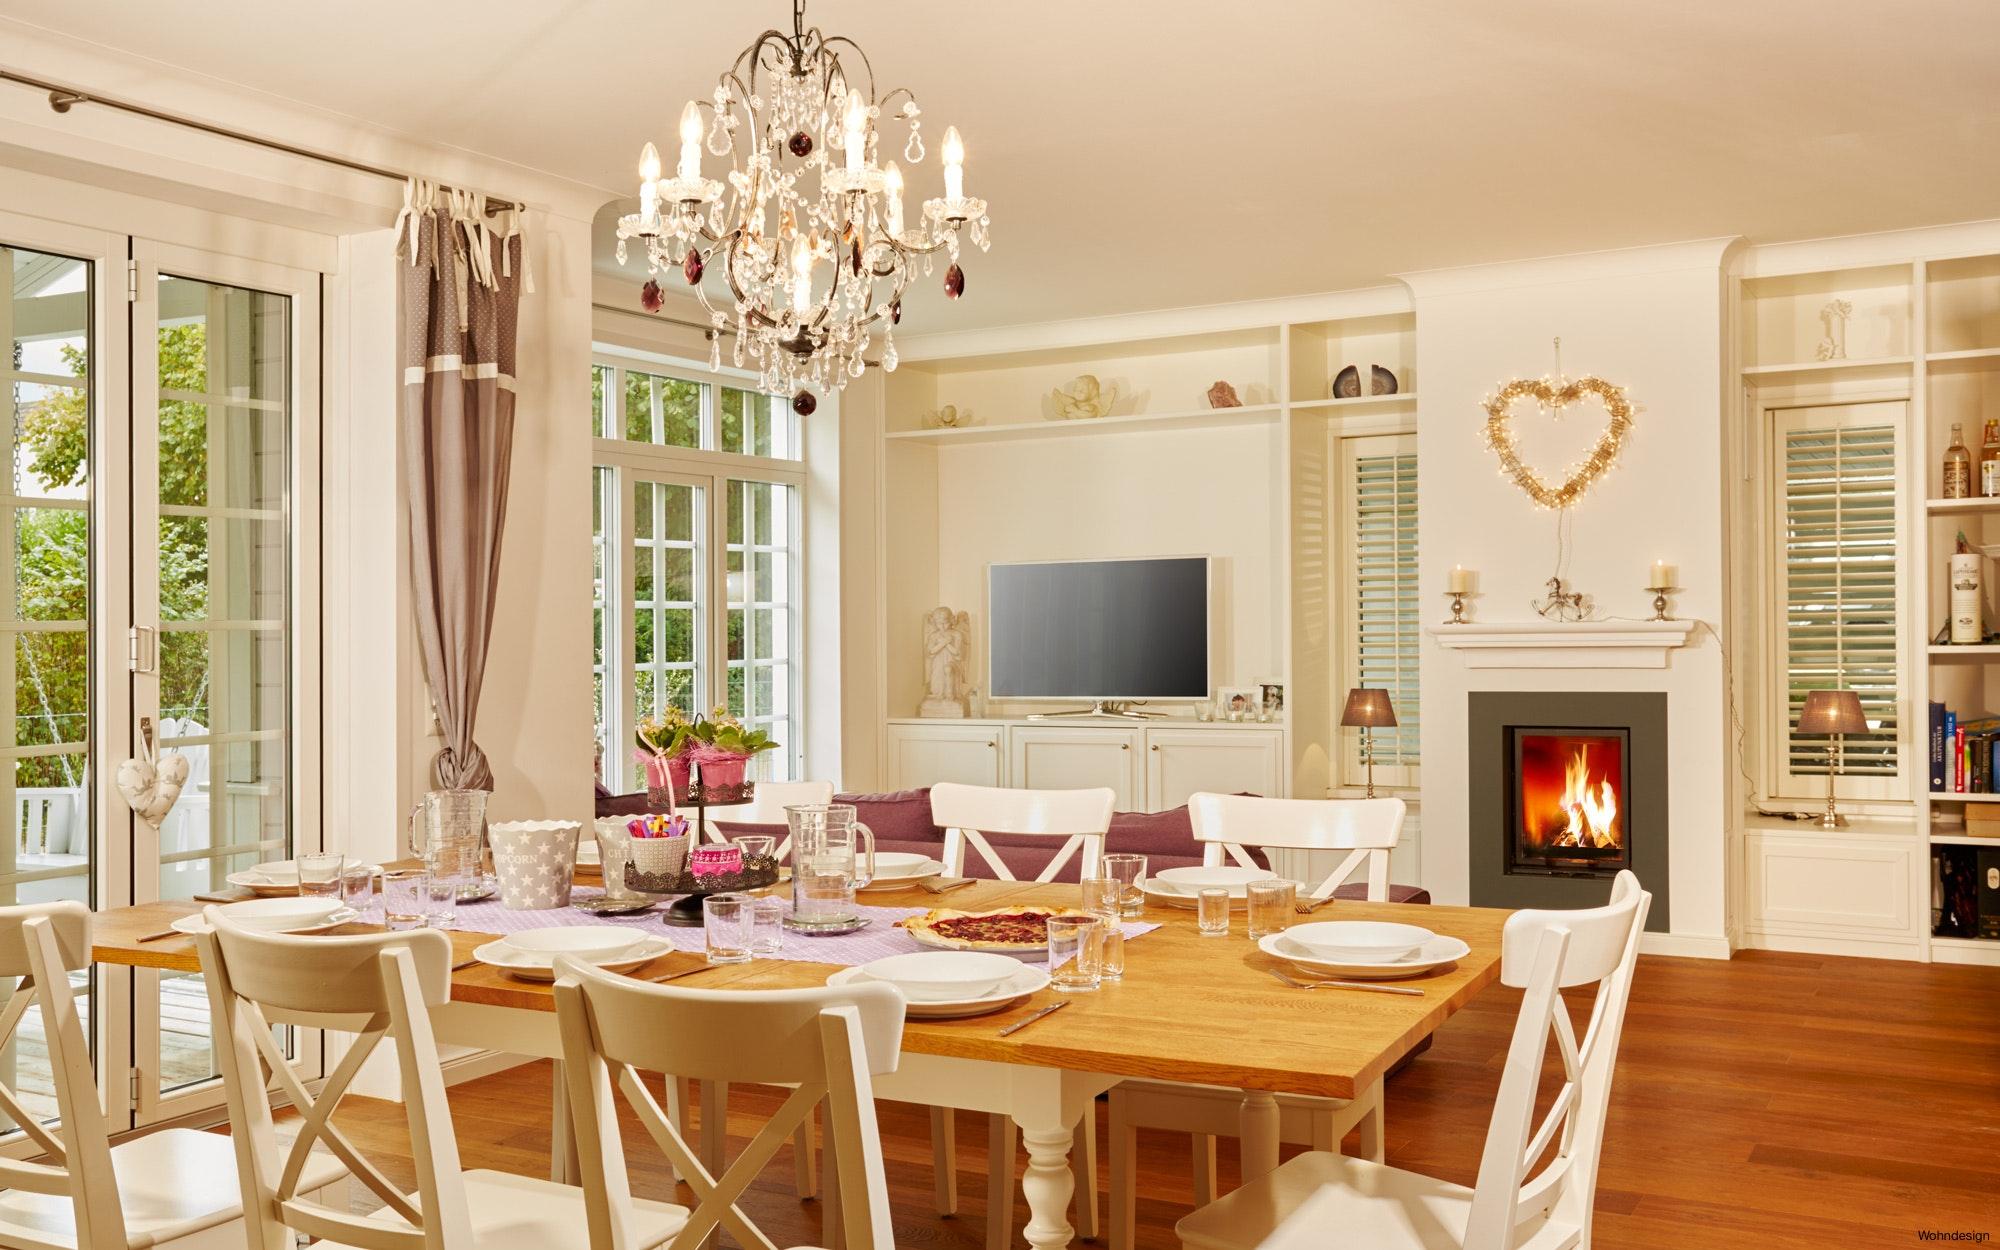 Landhausstil Modern Wohnzimmer Bescheiden On Innerhalb Optimal Zum Emejing Grau Weis 7